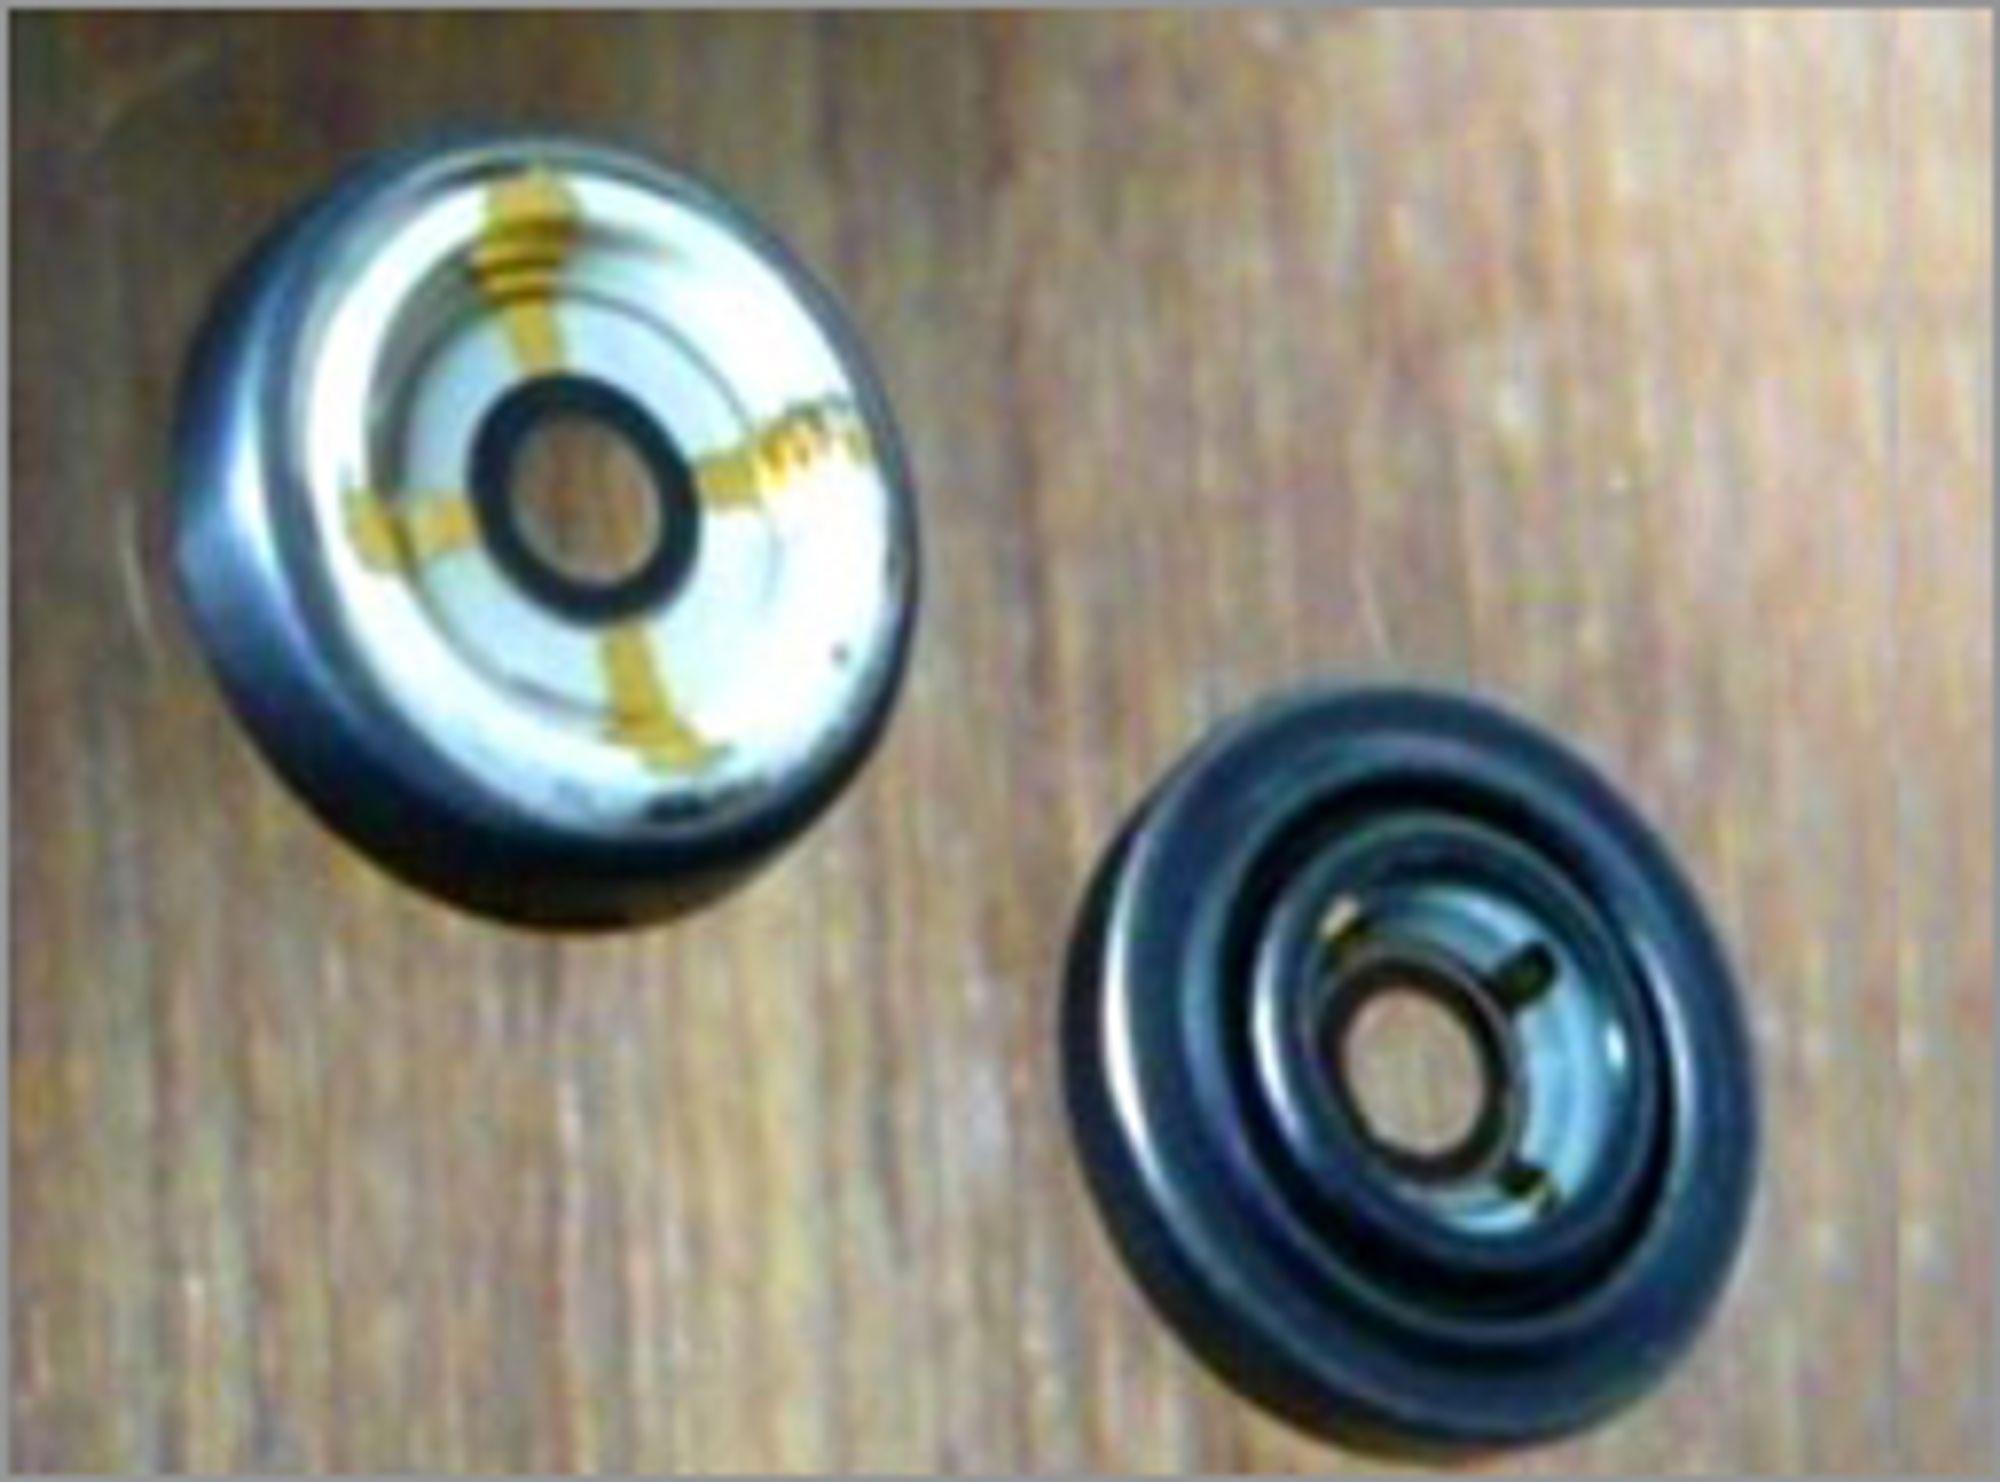 Flytende linser med (t.v) og uten bildestabilisator